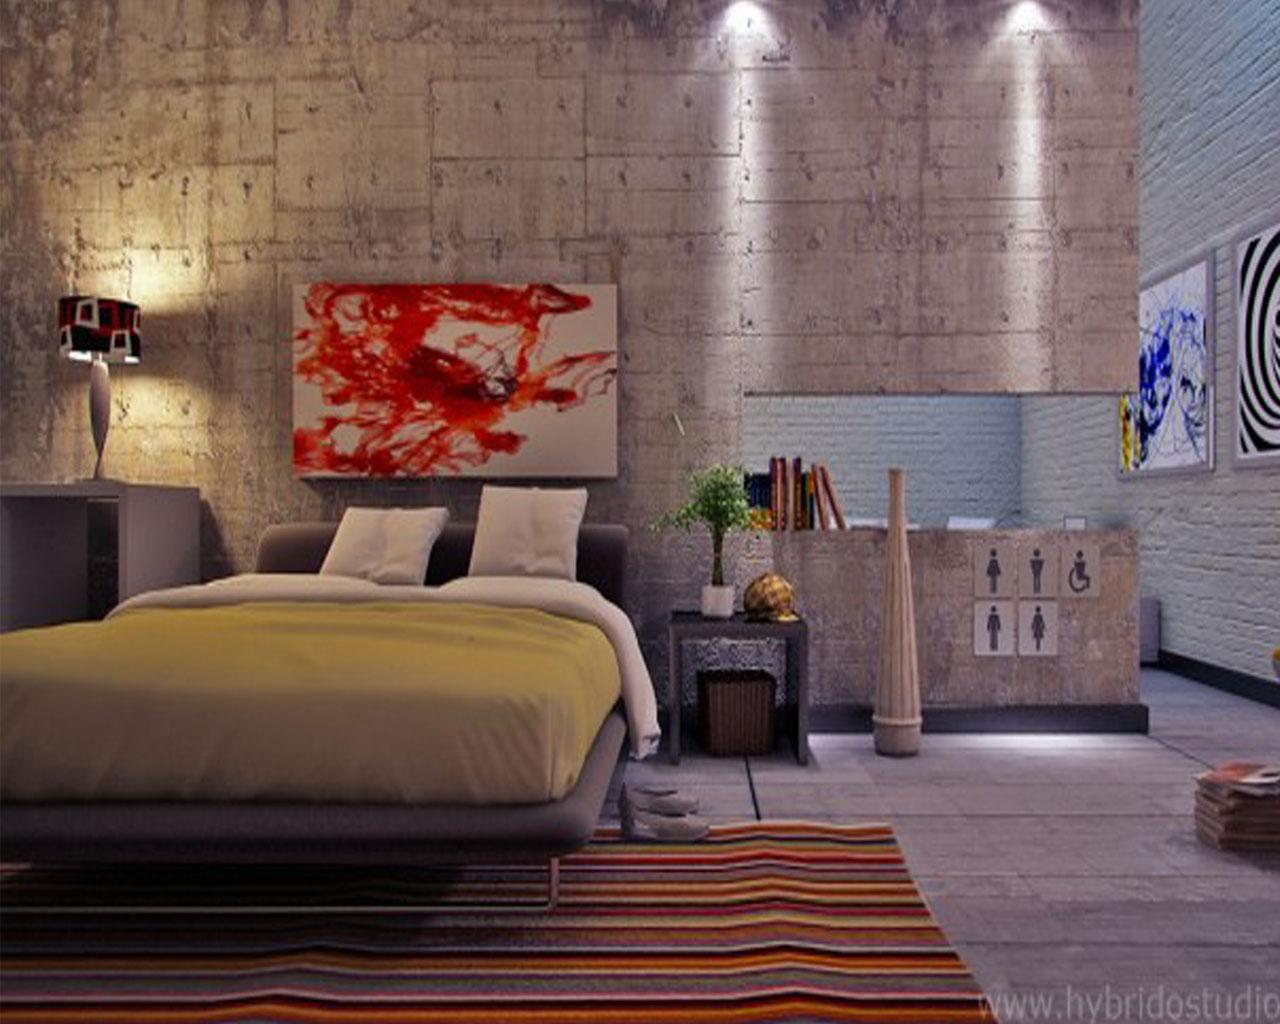 Bedroom Feature Walls On Bedroom With Bedroom Feature Walls Wallpaper 1280x1024